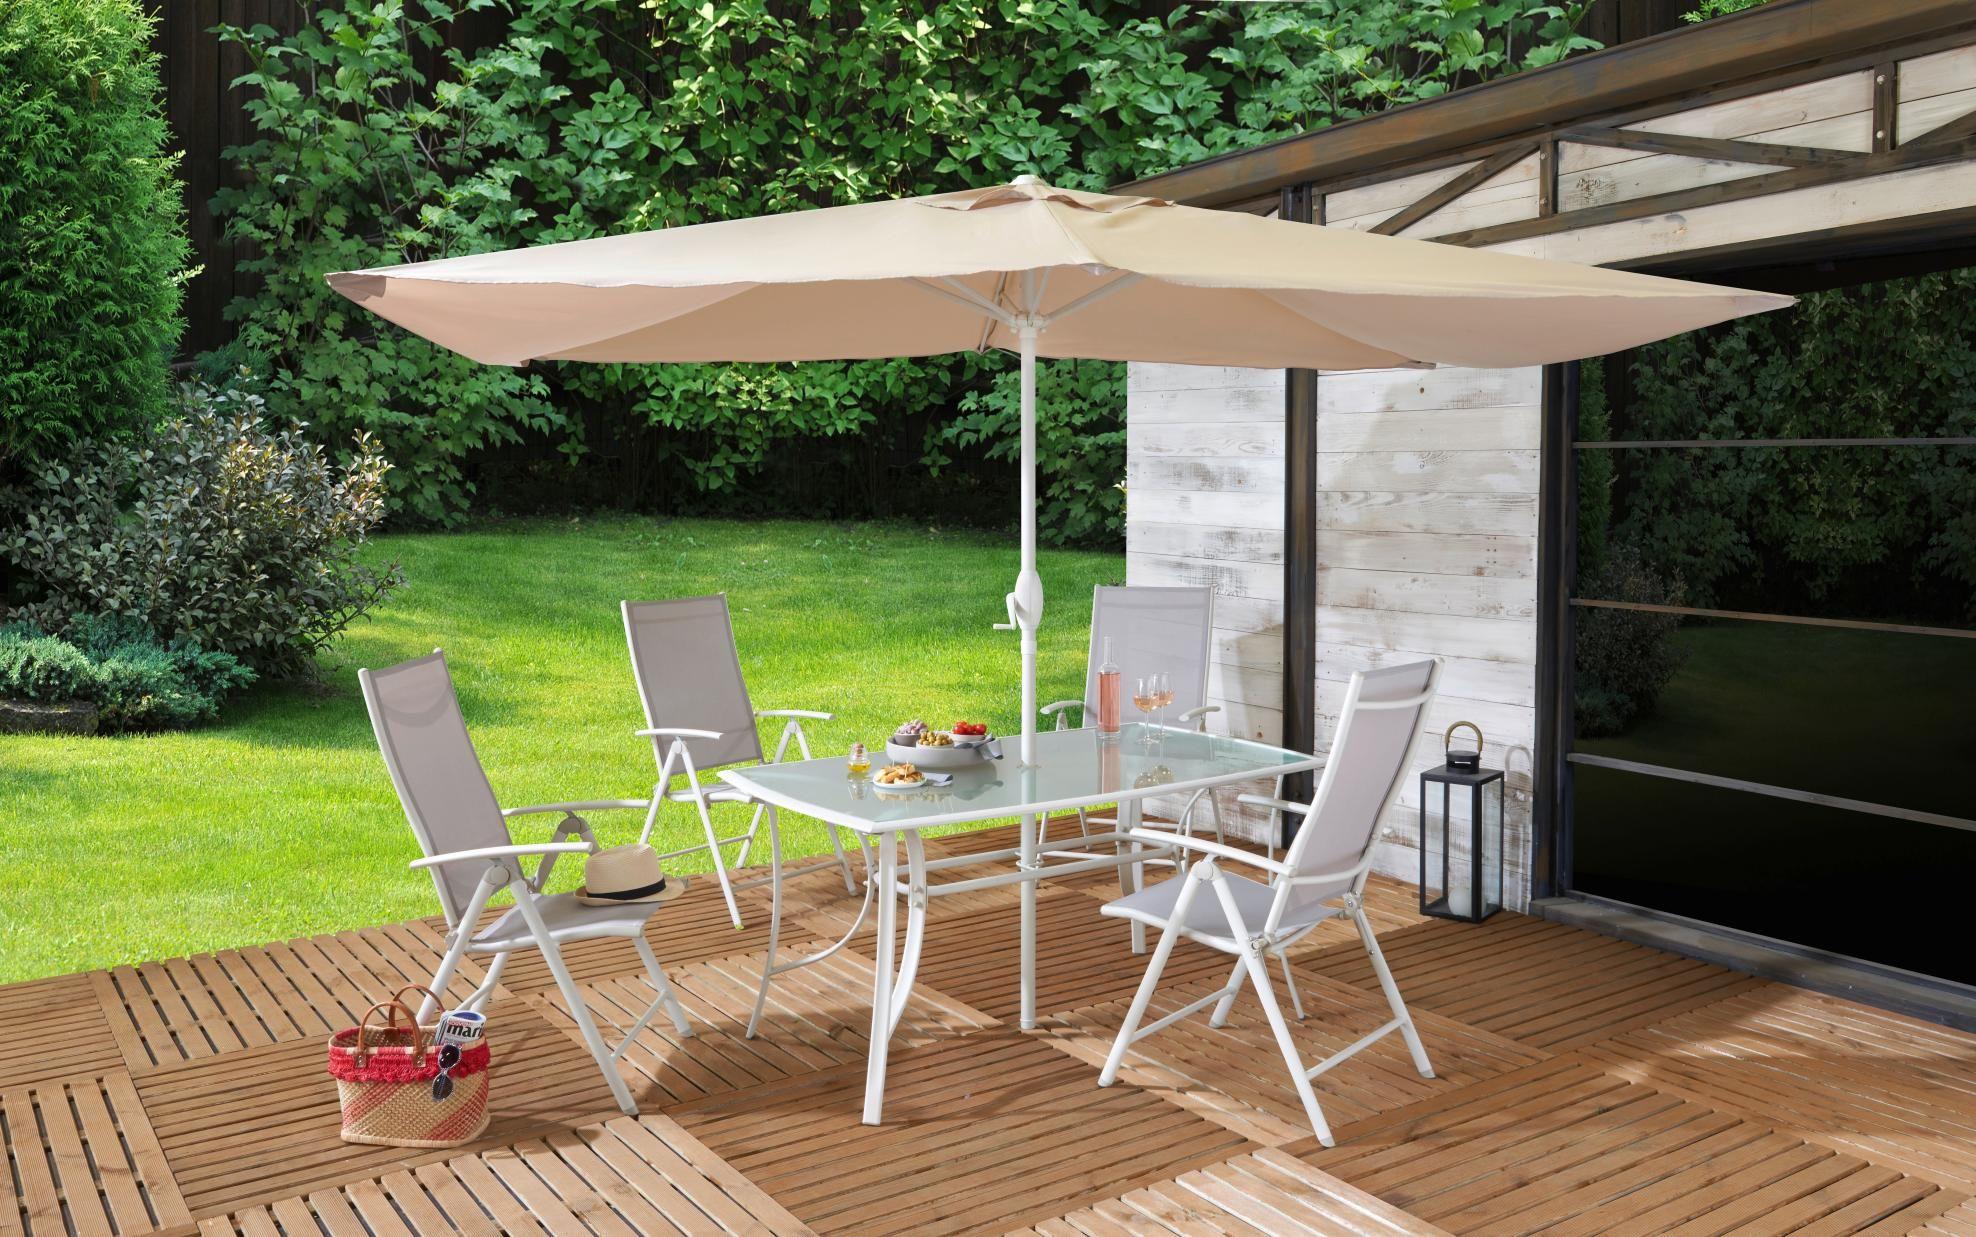 Chaise longue de jardin carrefour belgique - veranda-styledevie.fr